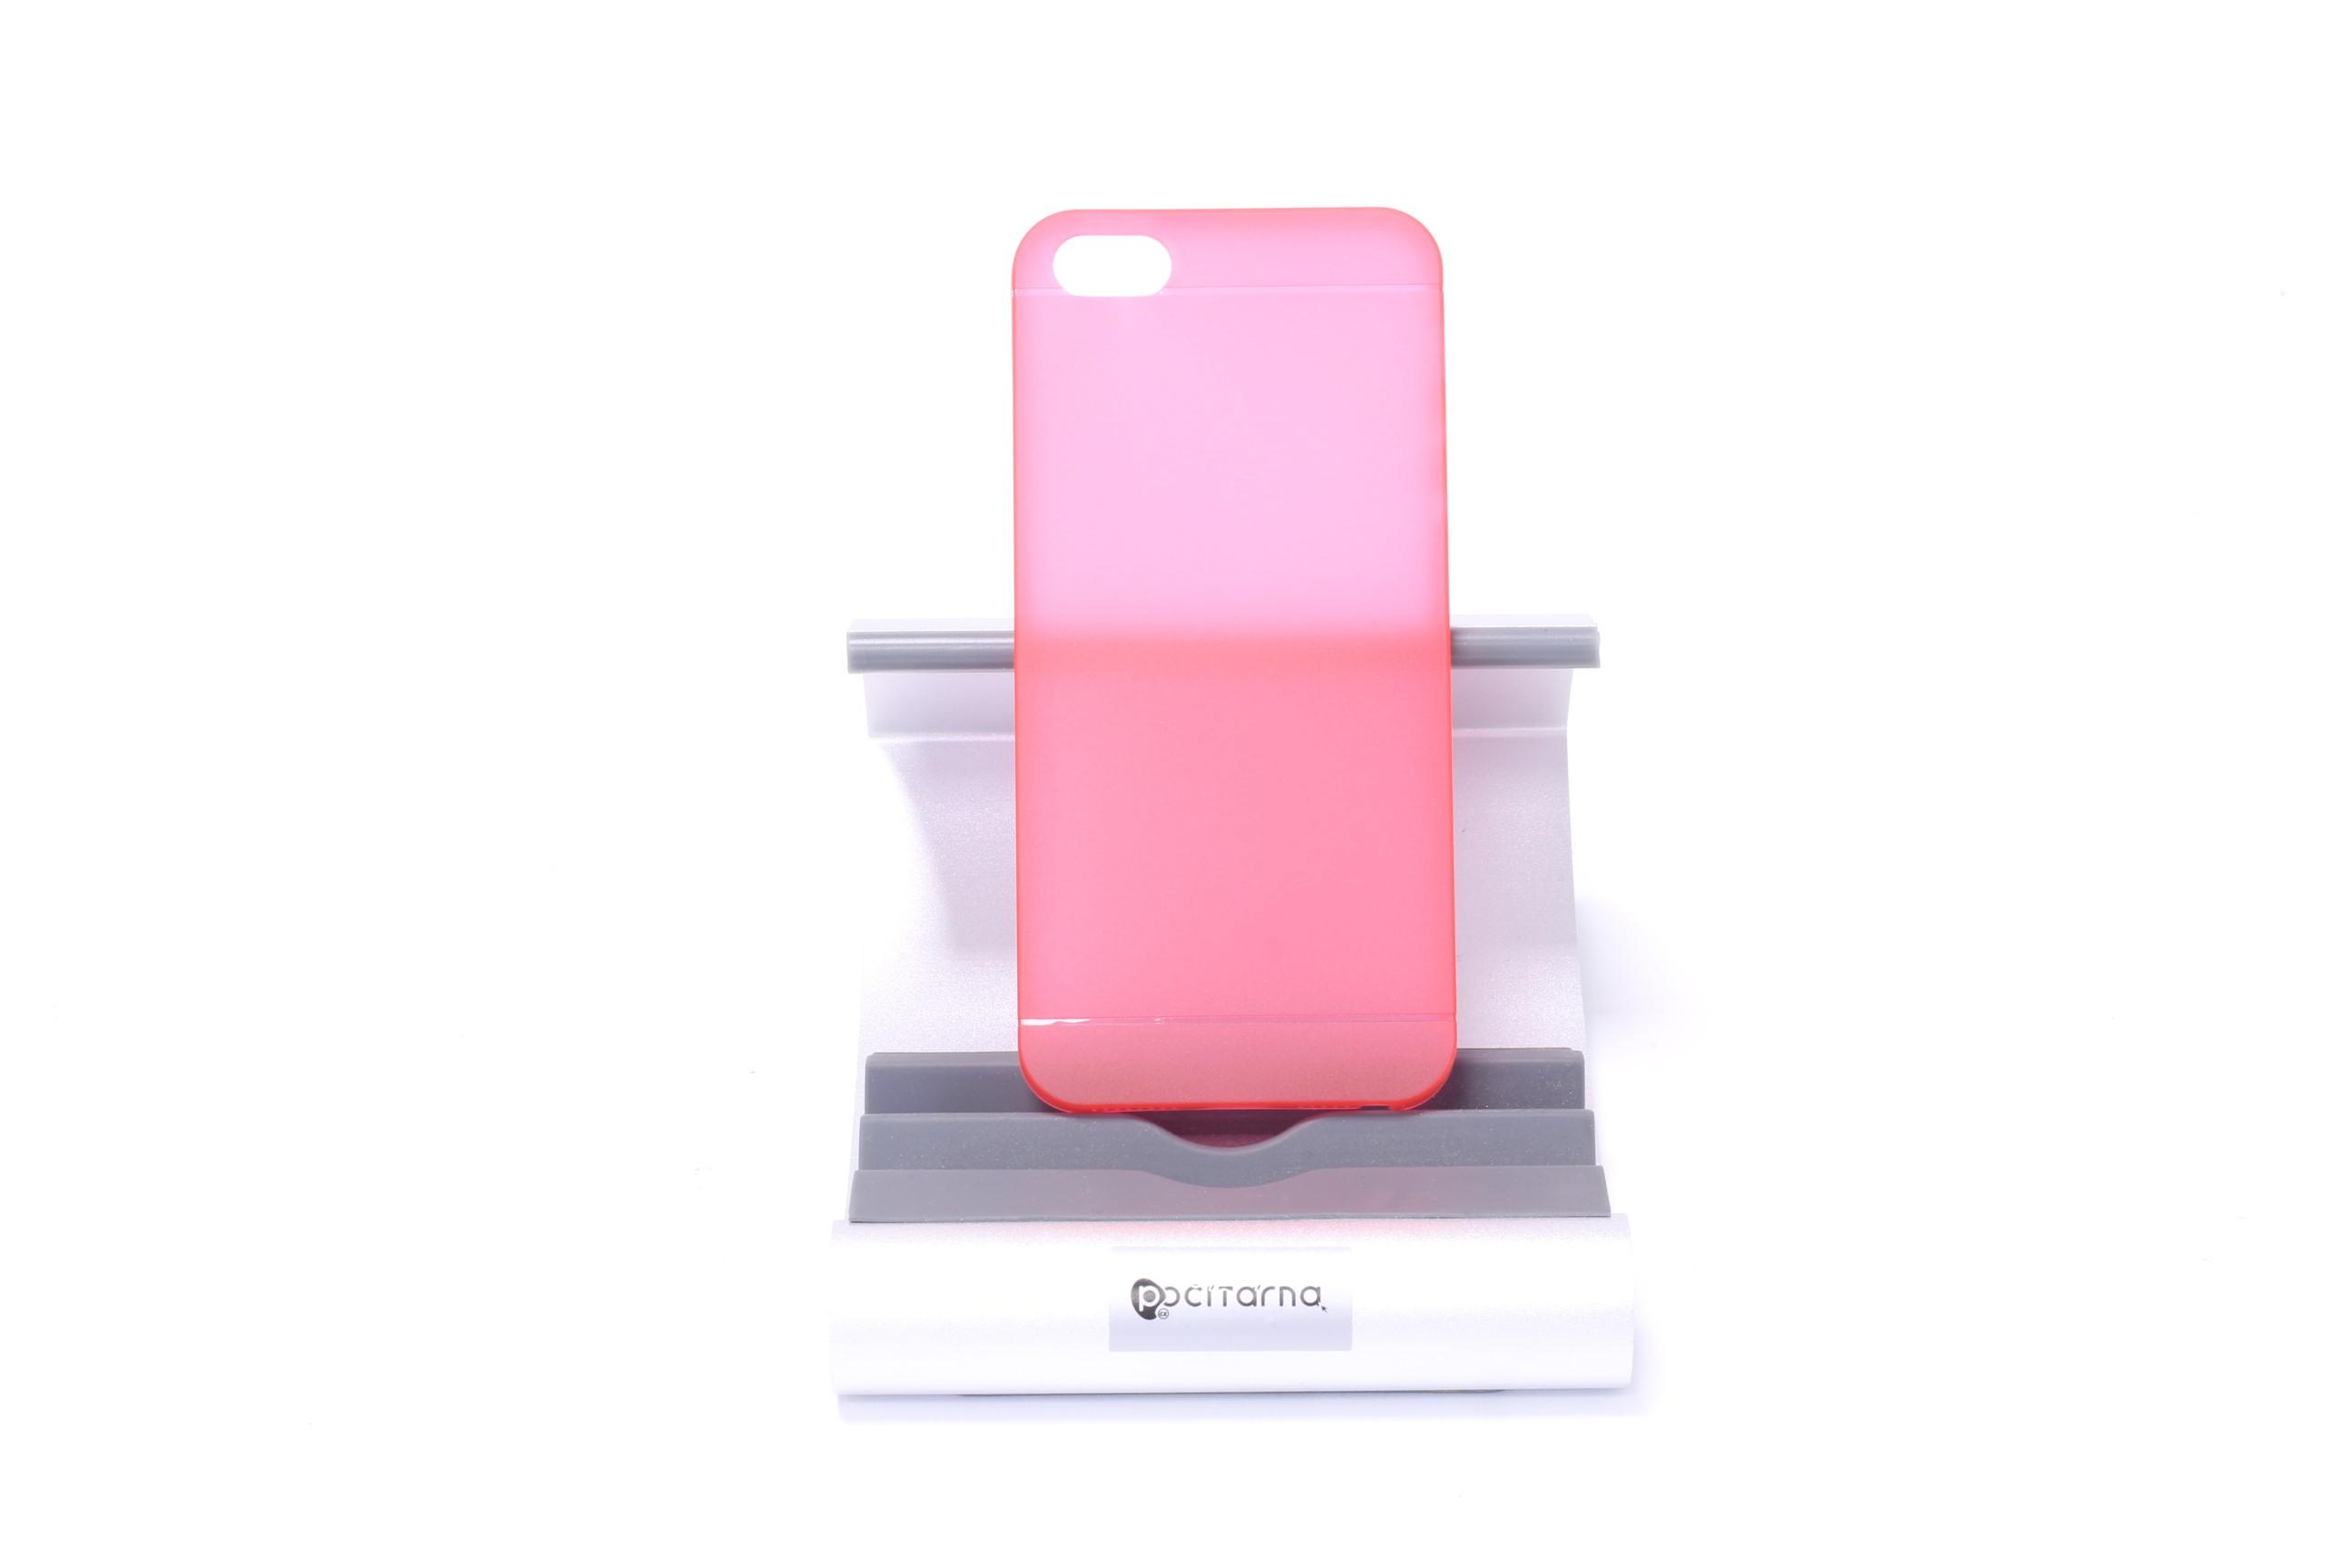 Ochranný kryt pro iPhone 5/5S/SE - Růžový